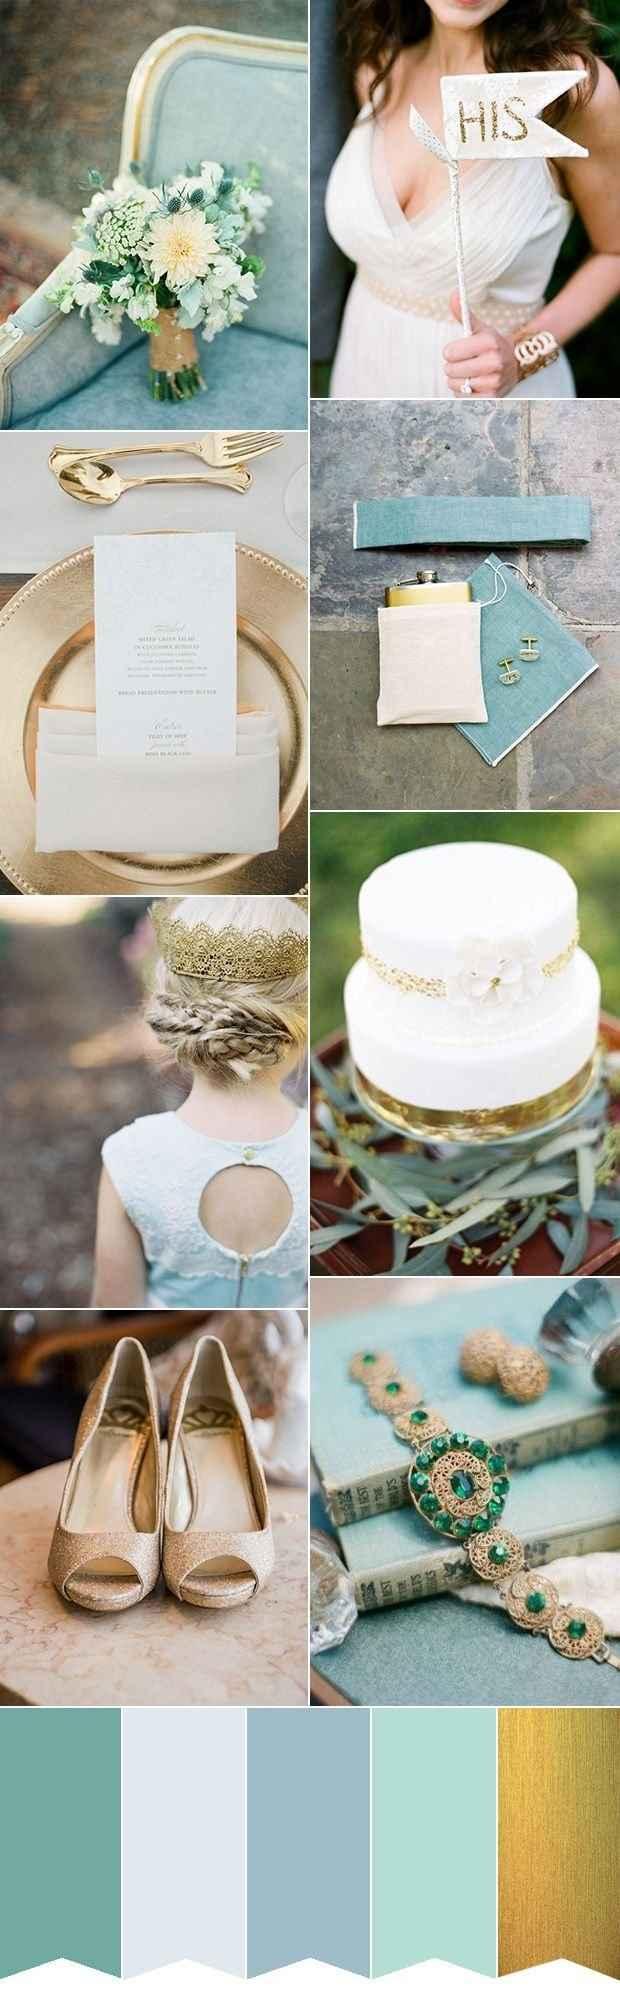 Deco en dorado, blanco y azul Tiffany